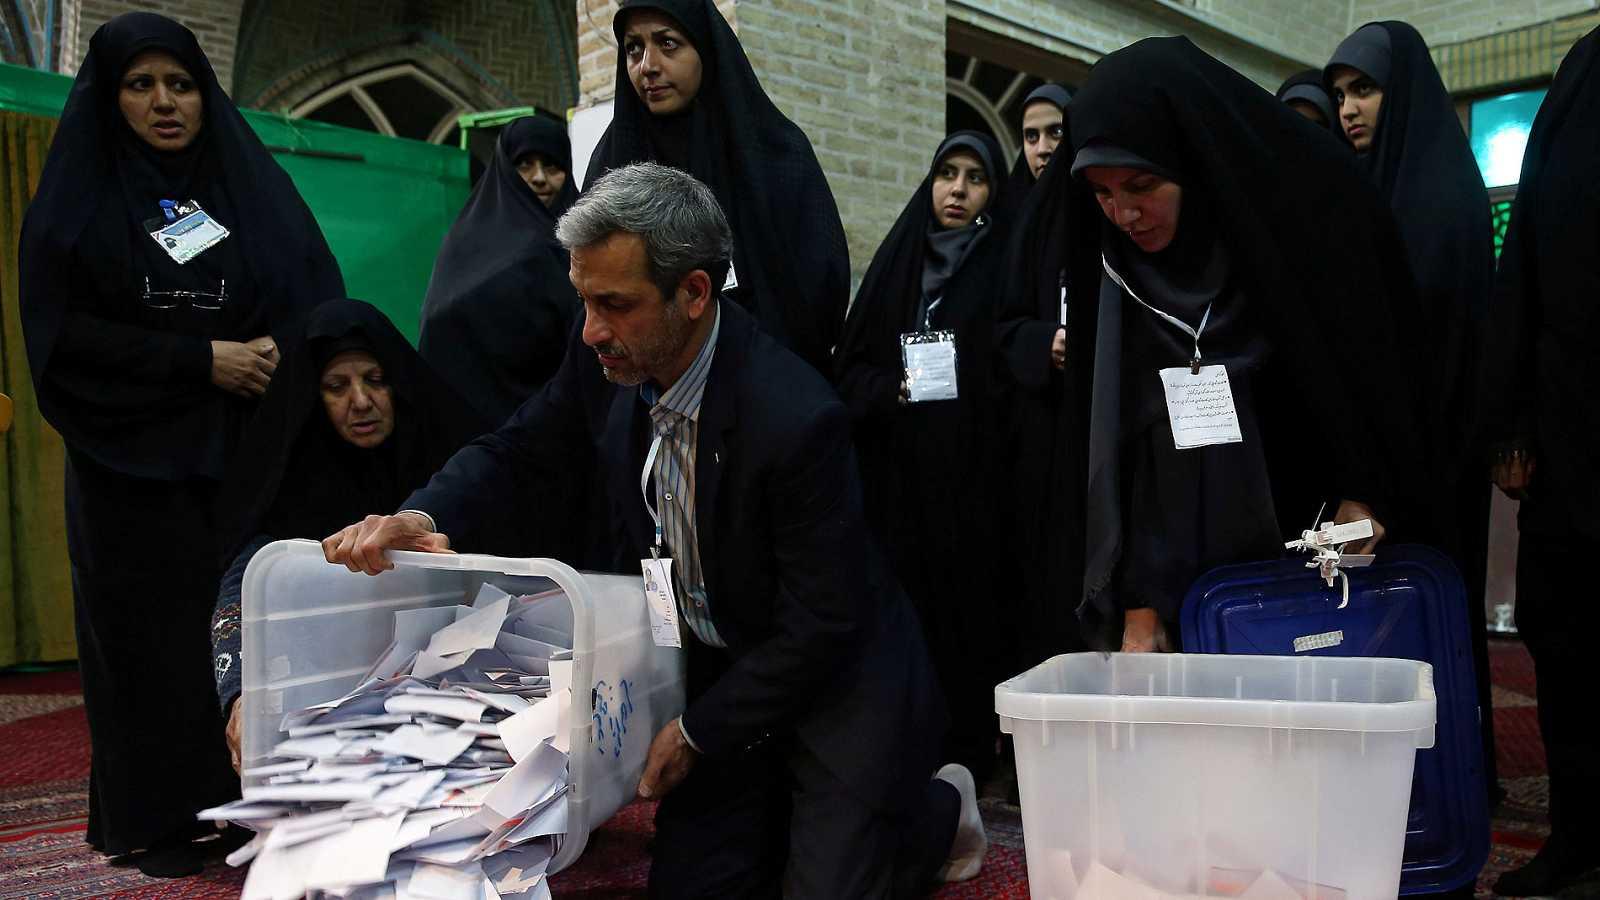 Los primeros resultados en Irán dan la victoria a los conservadores